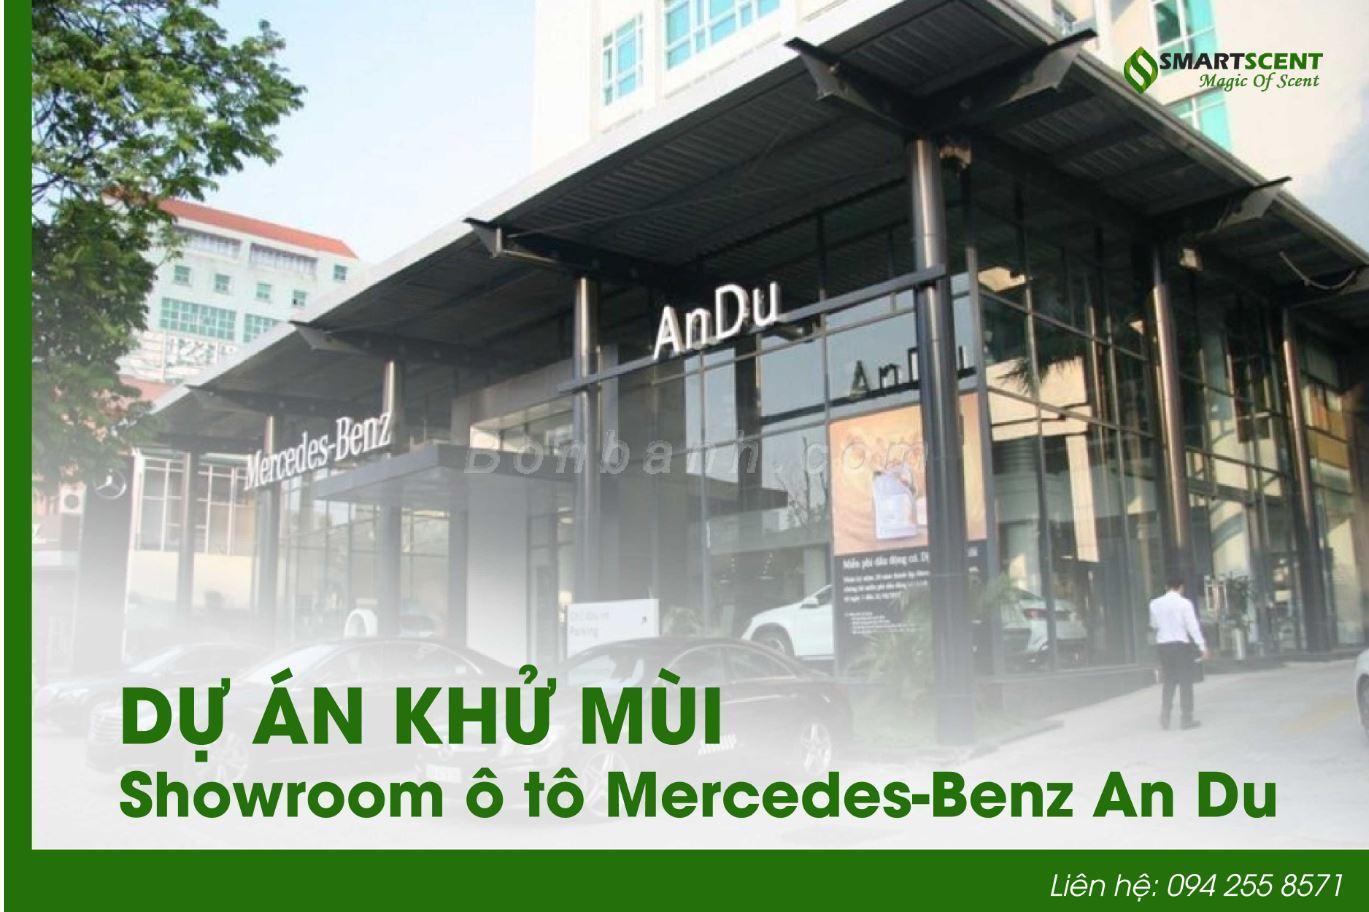 Khử mùi showroom ô tô ở Hà Nội- cách tăng vọt lãi suất cho doanh nghiệp